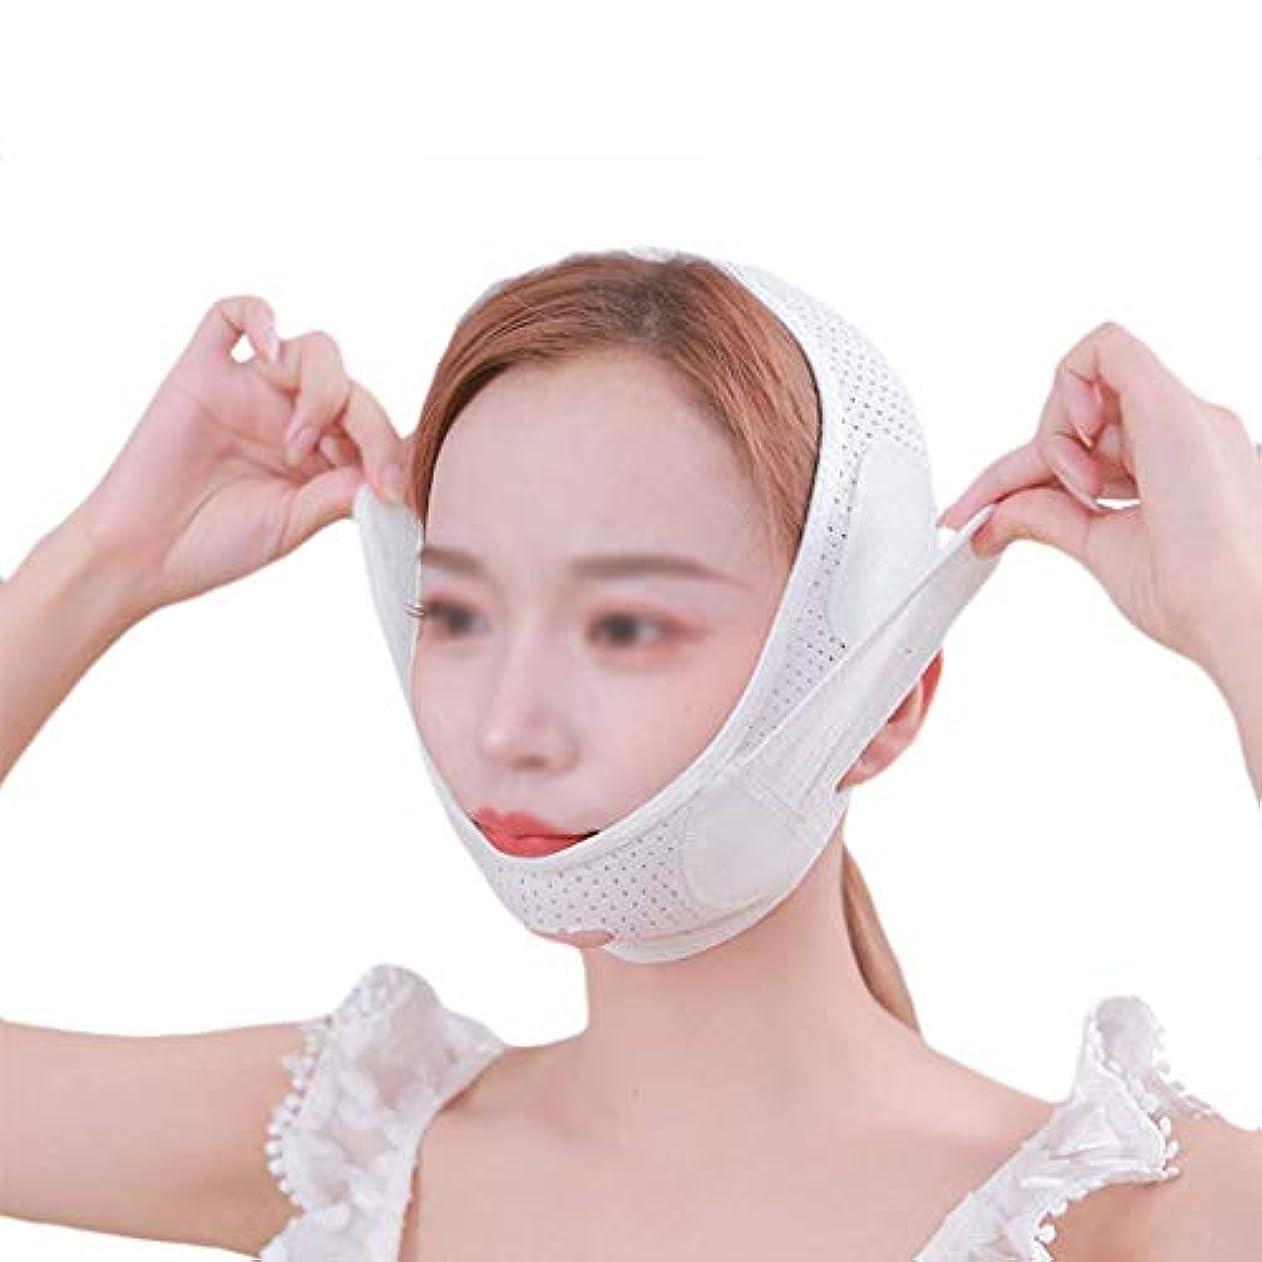 遺体安置所羊シンボルフェイシャルリフティング包帯、頬スリミングマスク包帯、フェイスリフティングファーミングフェースリフティング、リフティングダブルチンフェイシャルマスク(ホワイト、フリーサイズ)